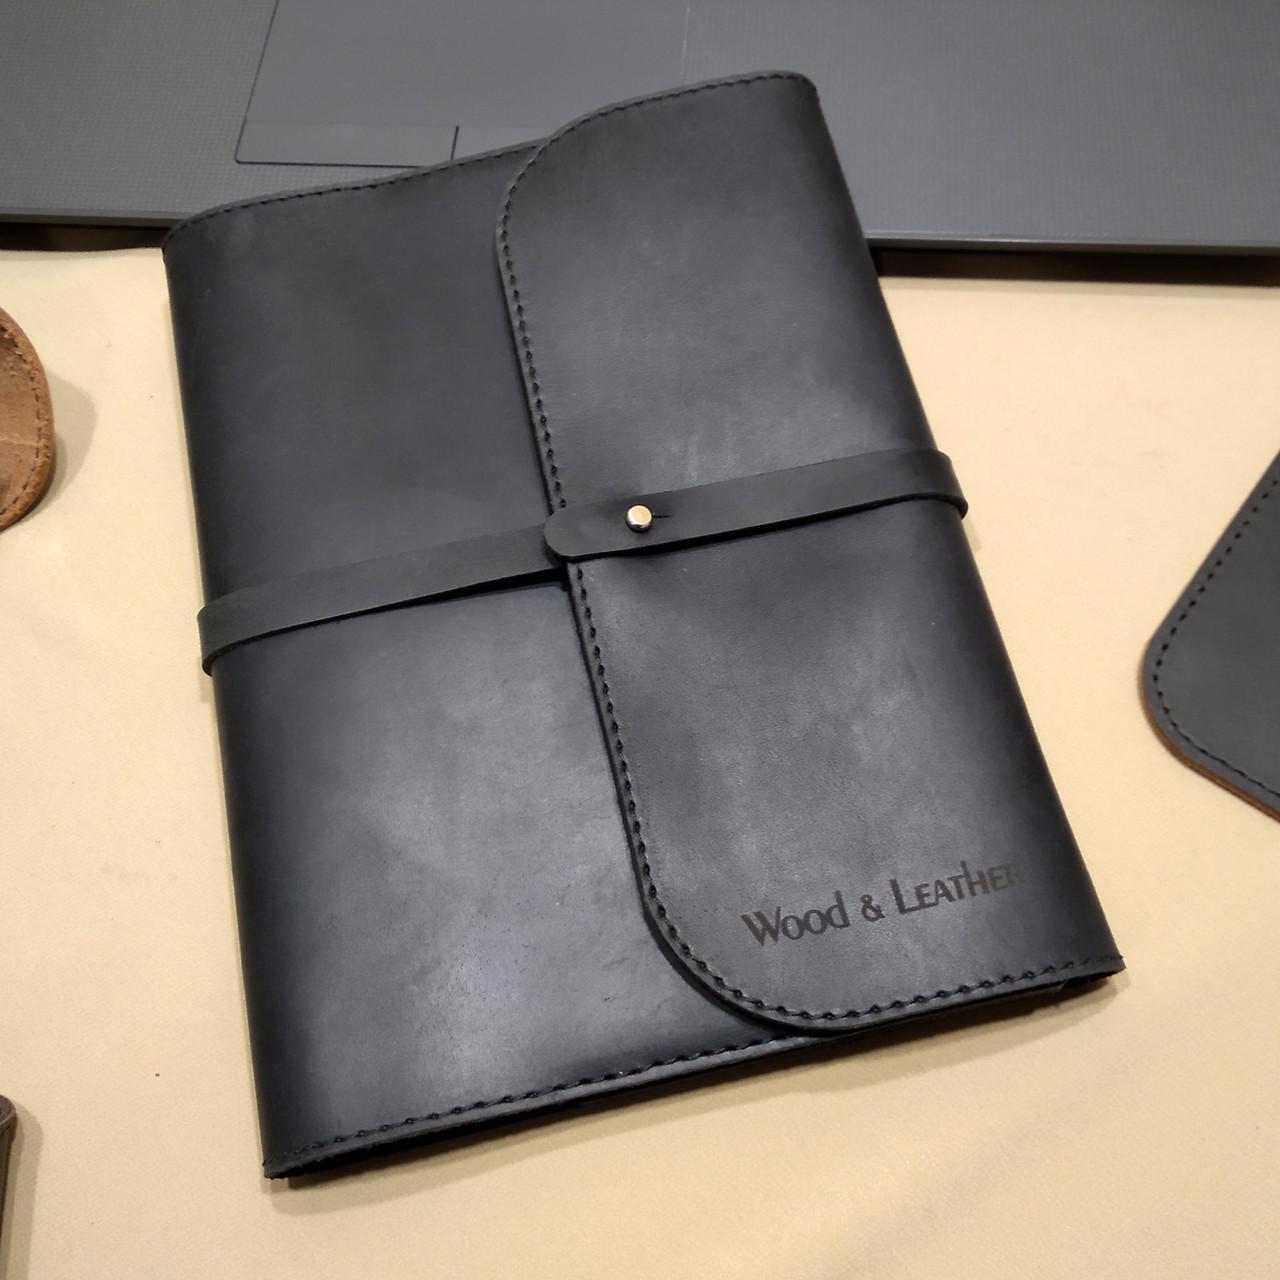 Кожаный блокнот M. Софтбук А5. Ежедневник с кожаной обложкой. Лазерная гравировка логотипа